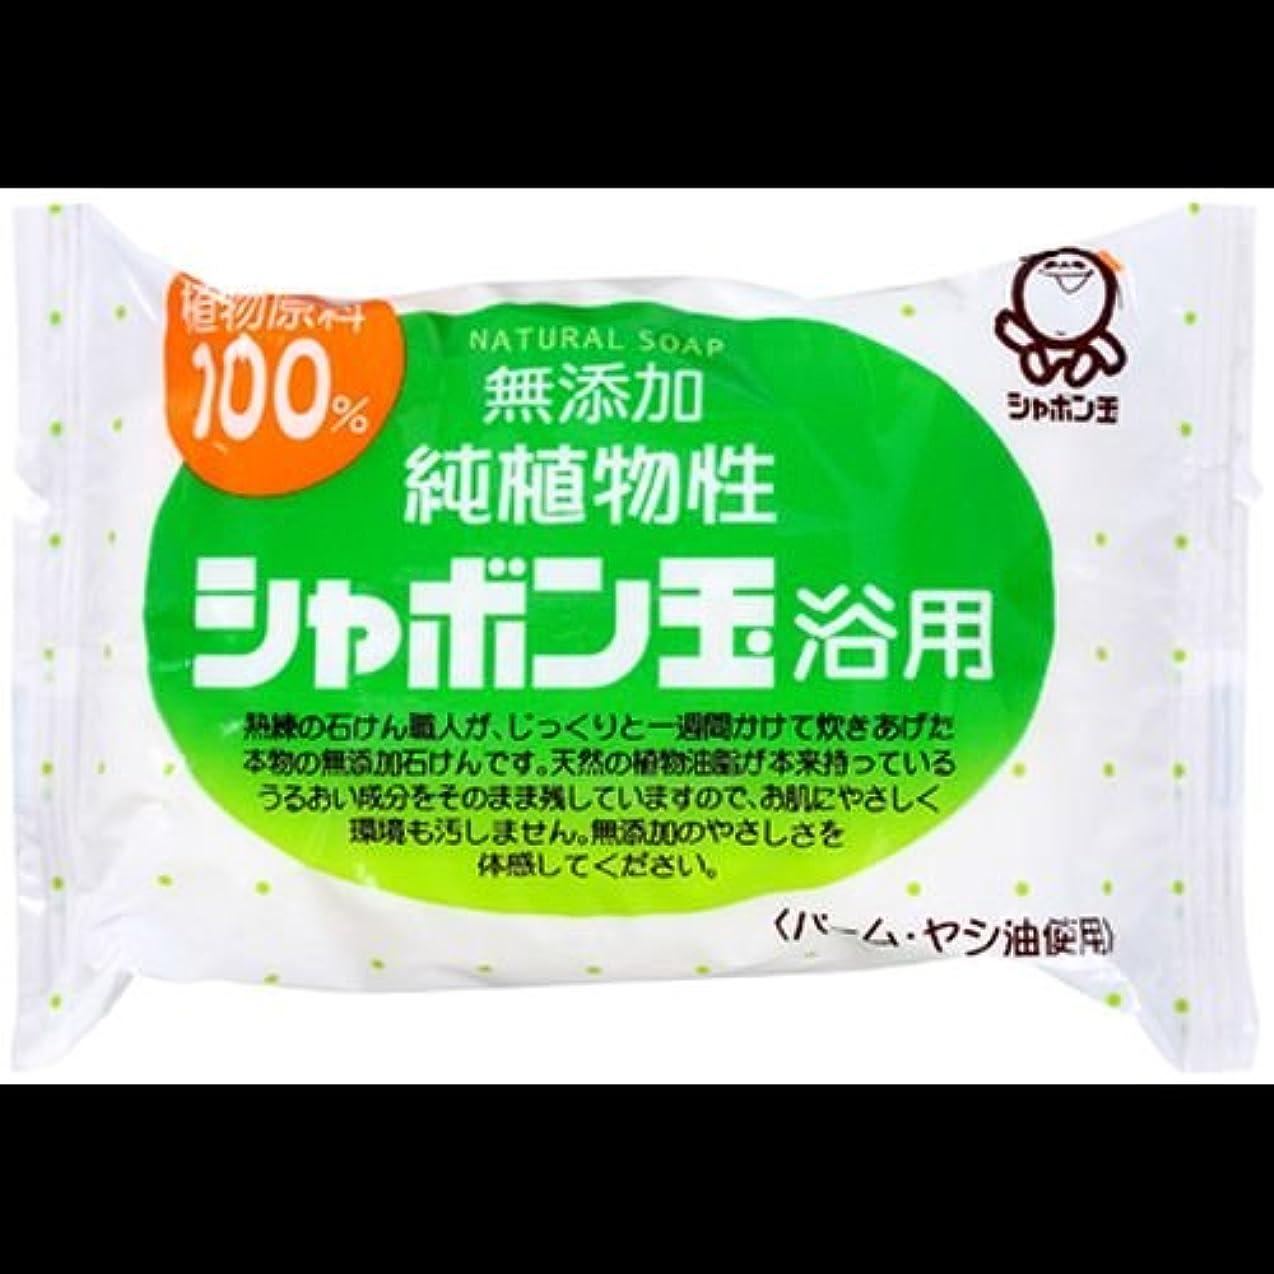 会話型原稿持つ【まとめ買い】シャボン玉 無添加 純植物性 シャボン玉浴用石けん 純植物性 100g ×2セット